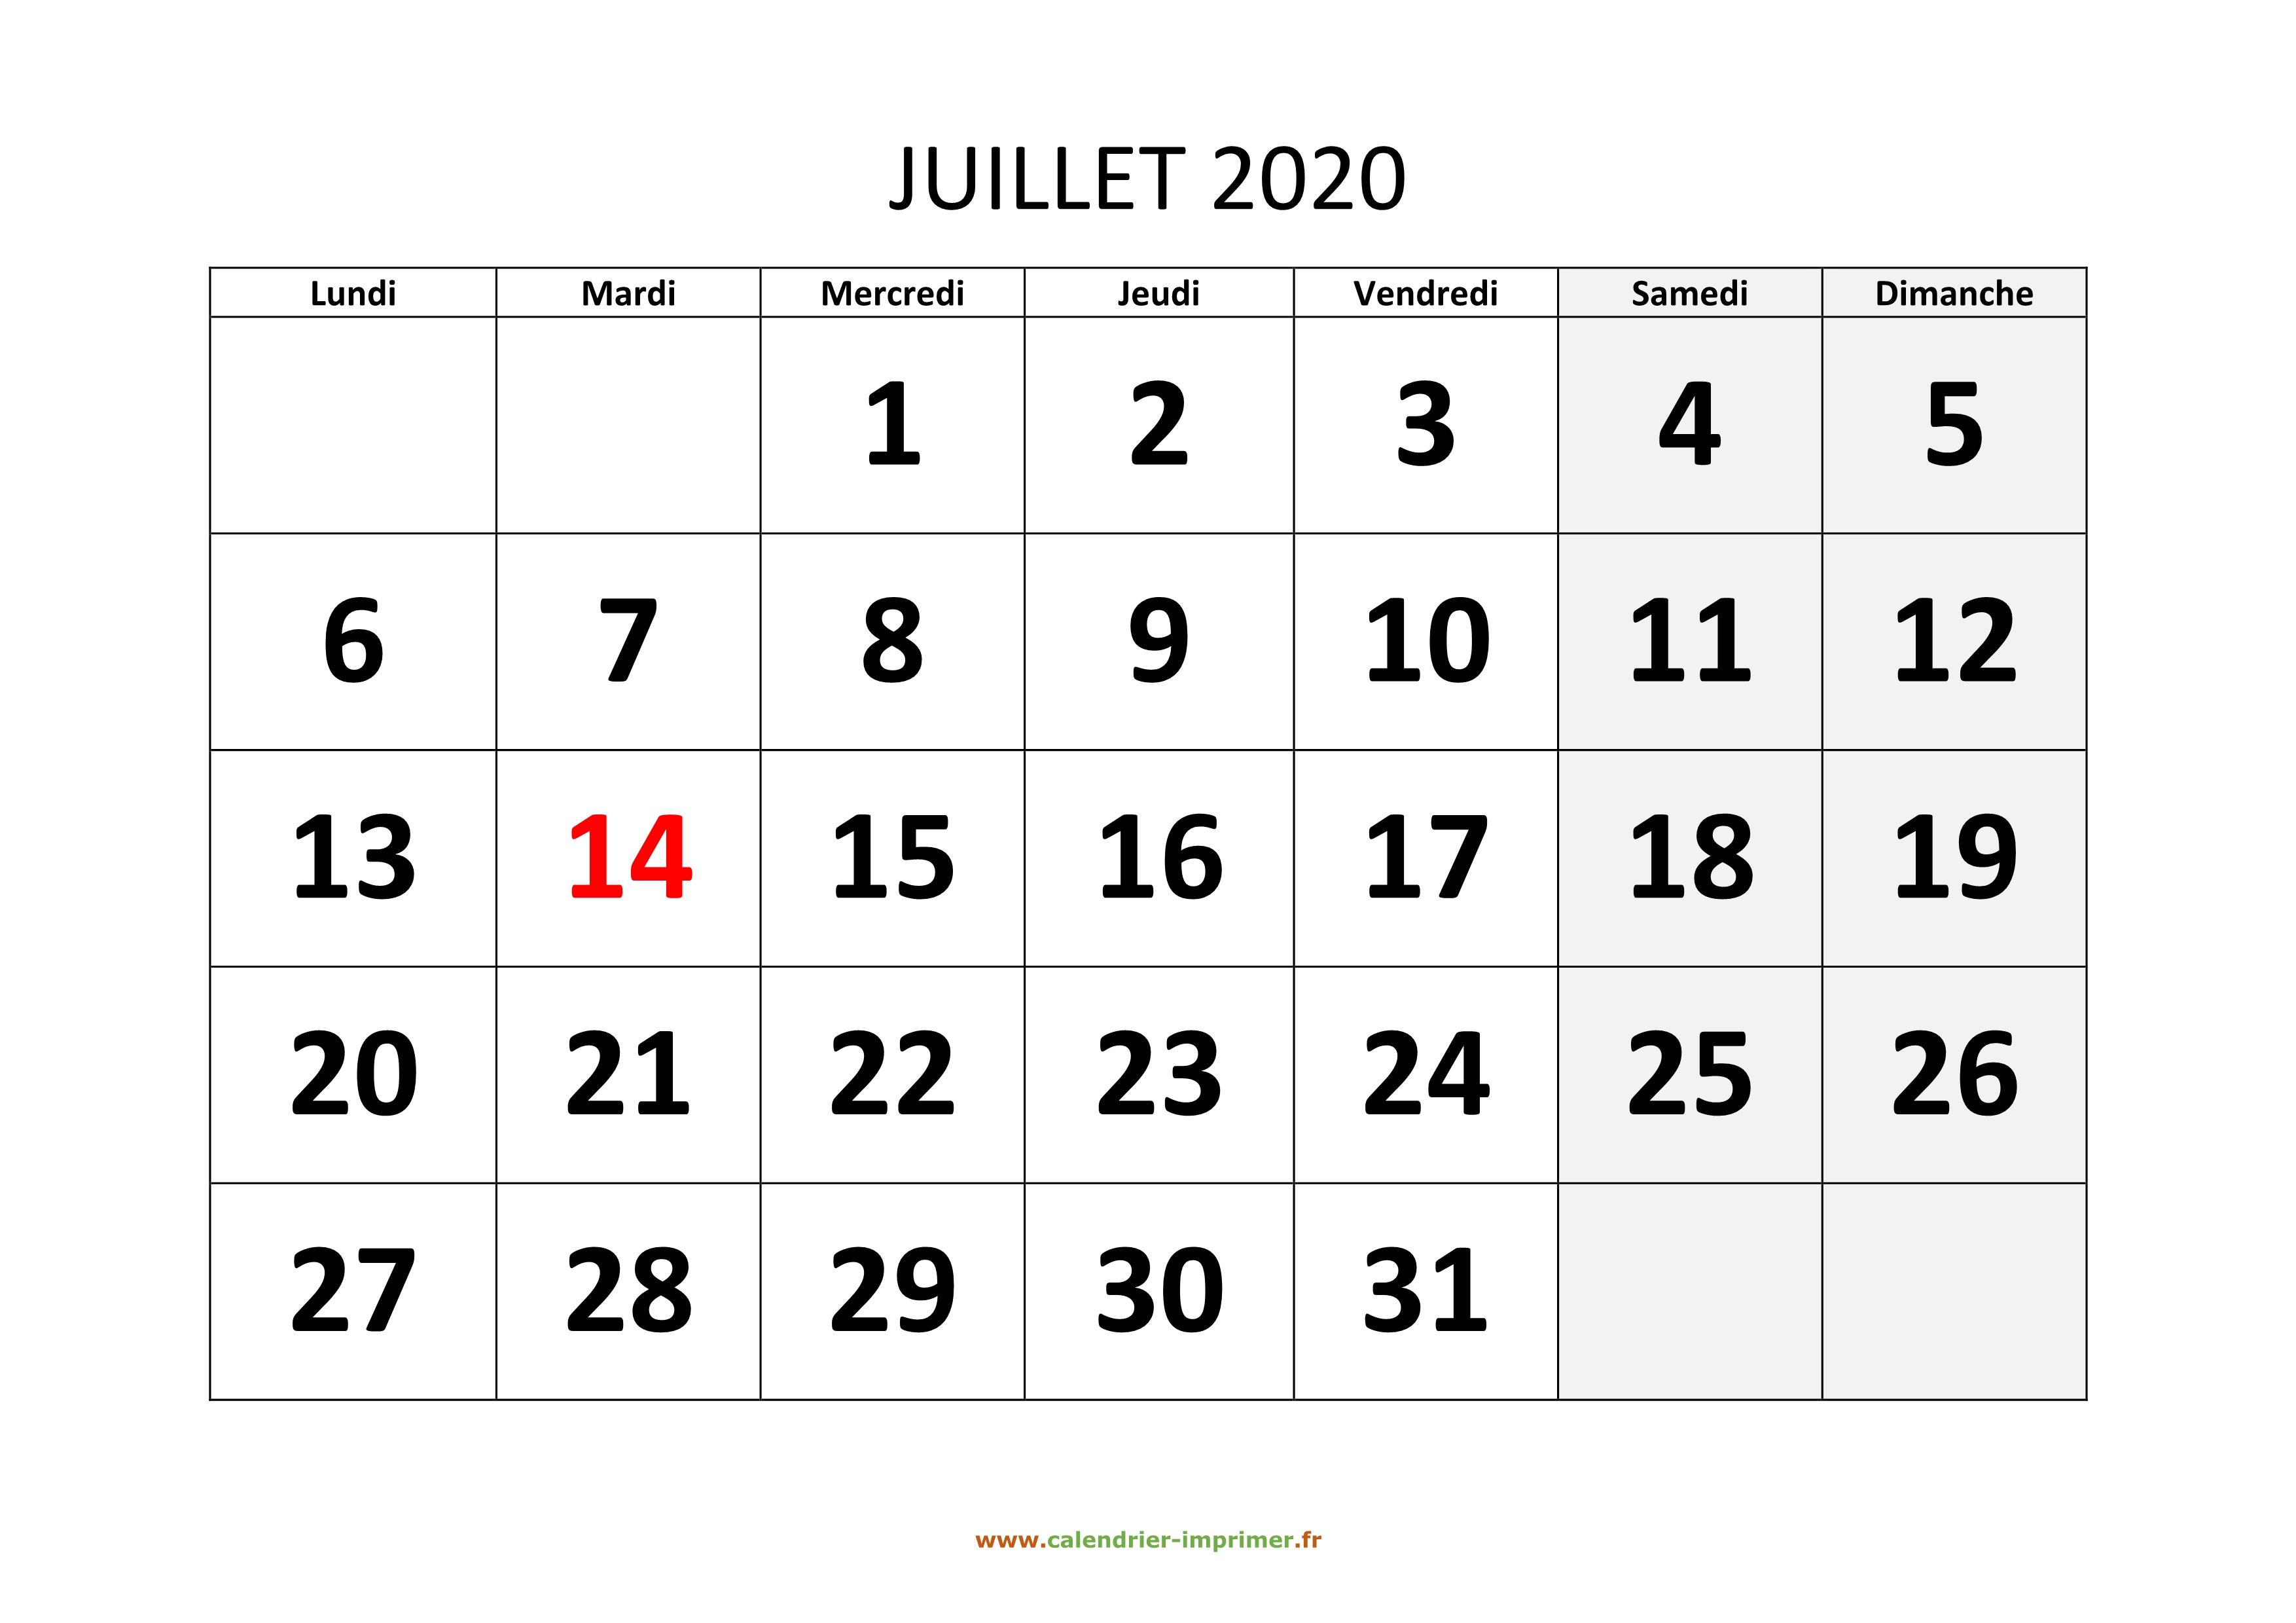 Calendrier Juillet 2020 A Imprimer Gratuit.Calendrier Juillet 2020 A Imprimer